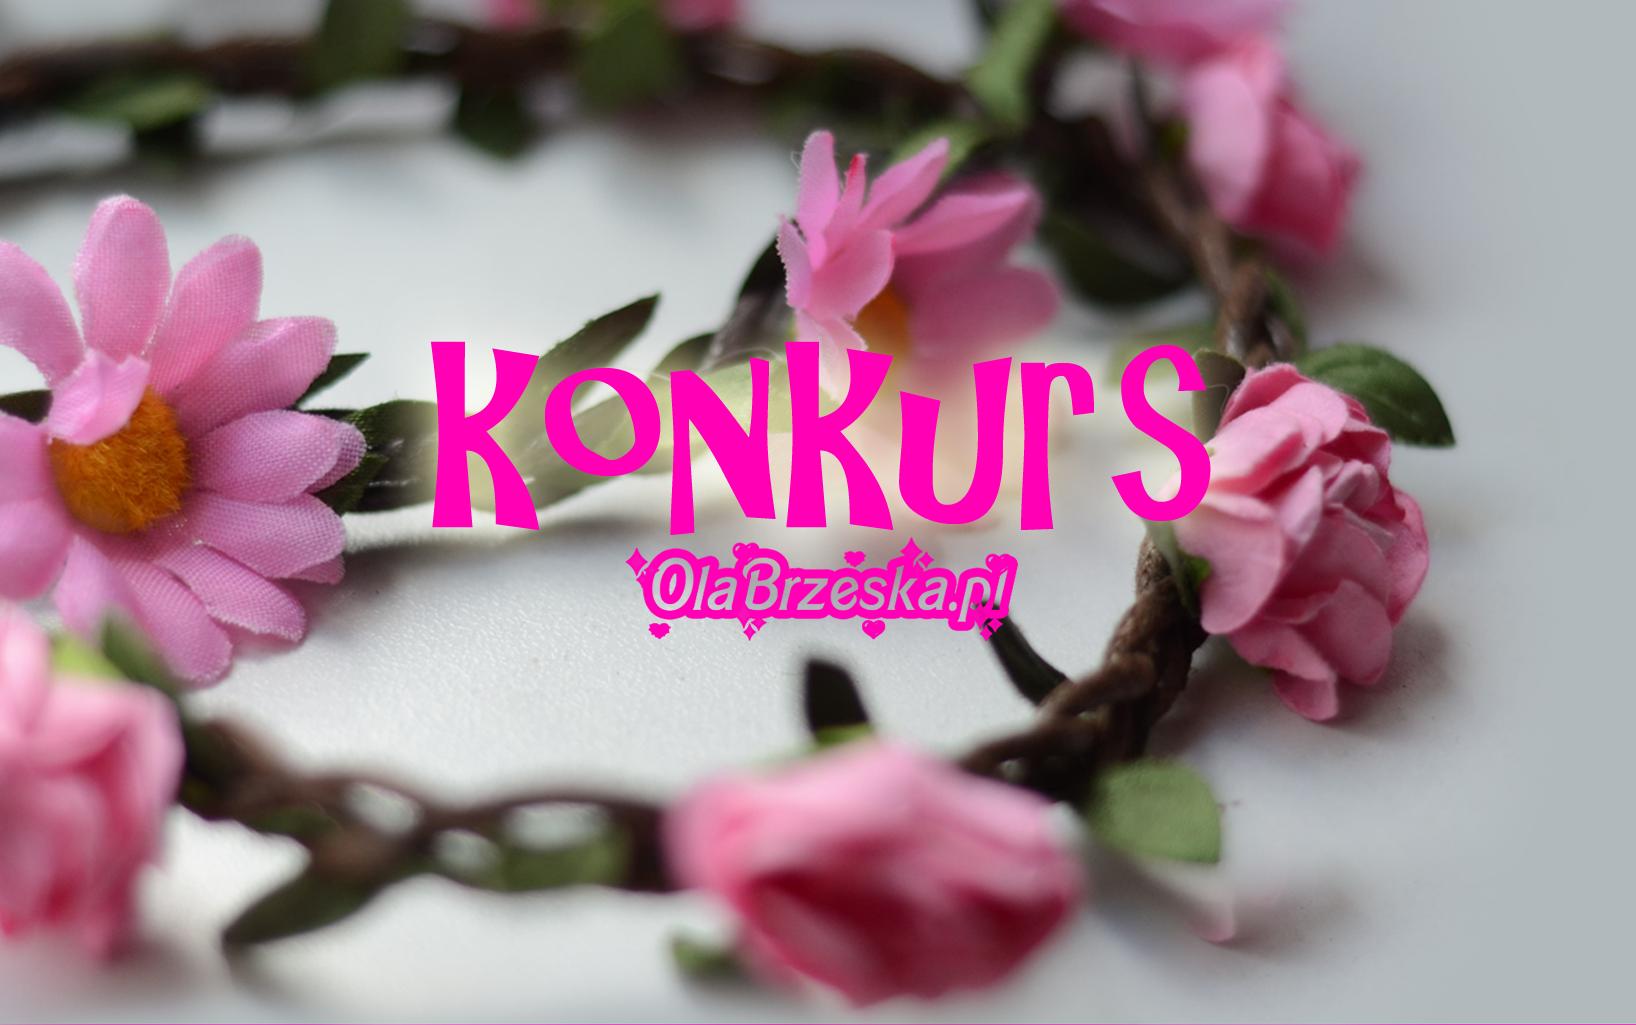 konk blog